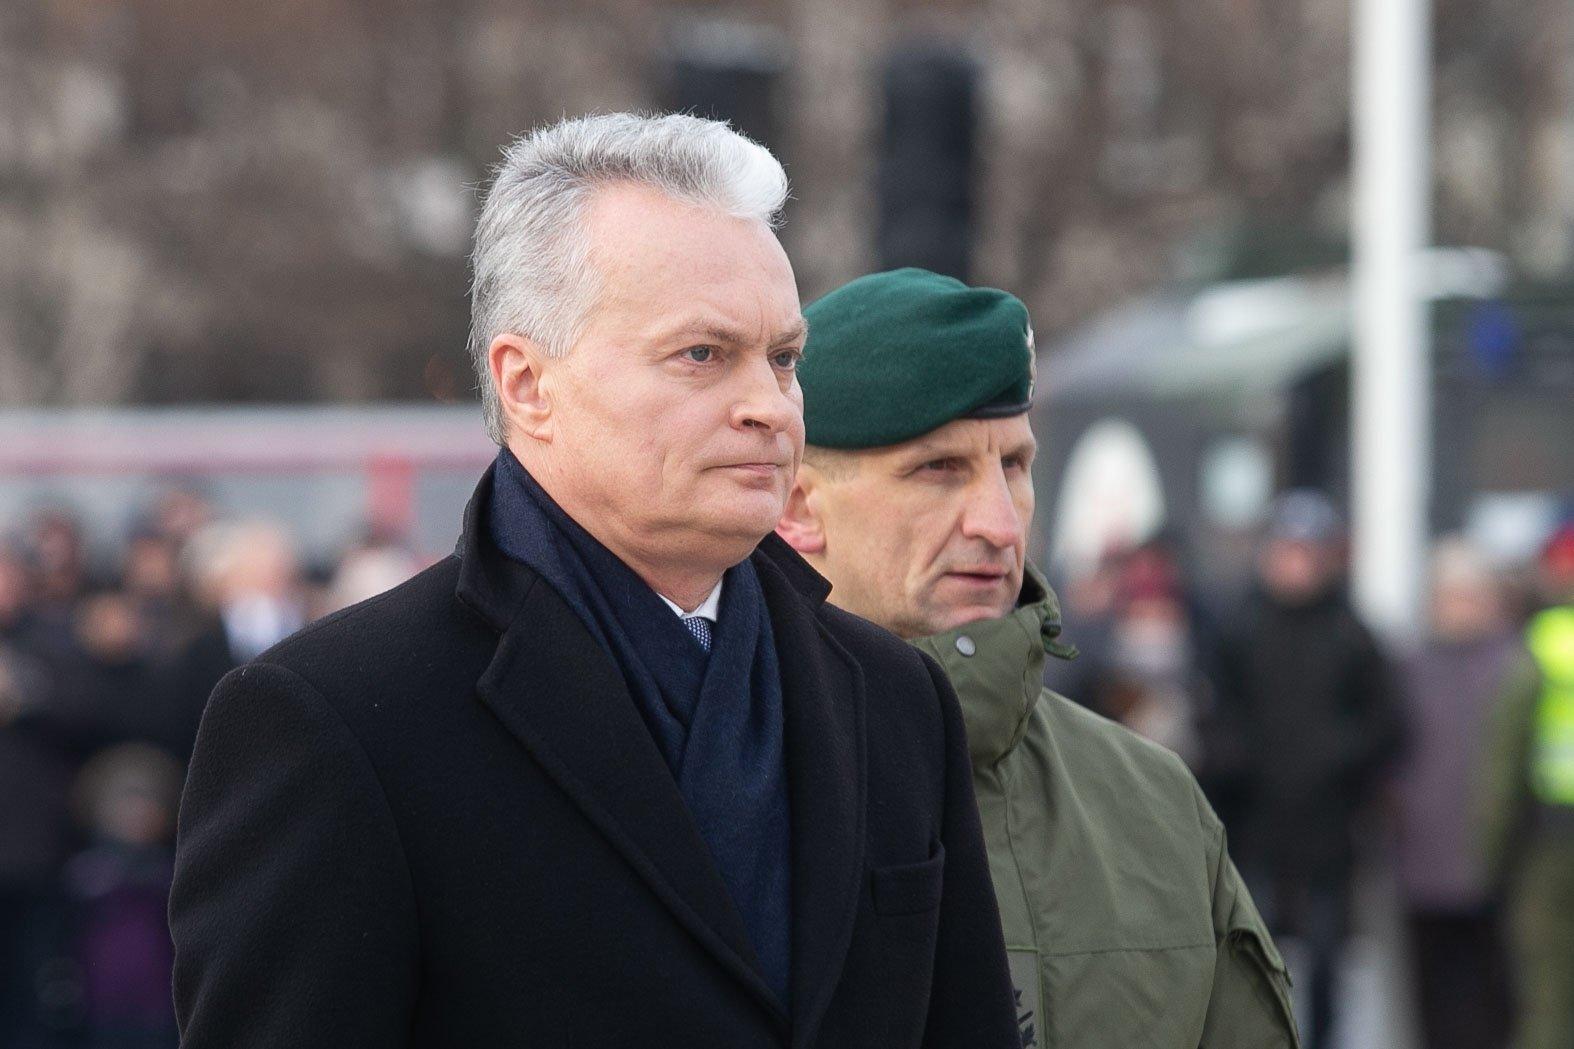 Скандал улажен: Нетаниягу имел в виду не всех поляков